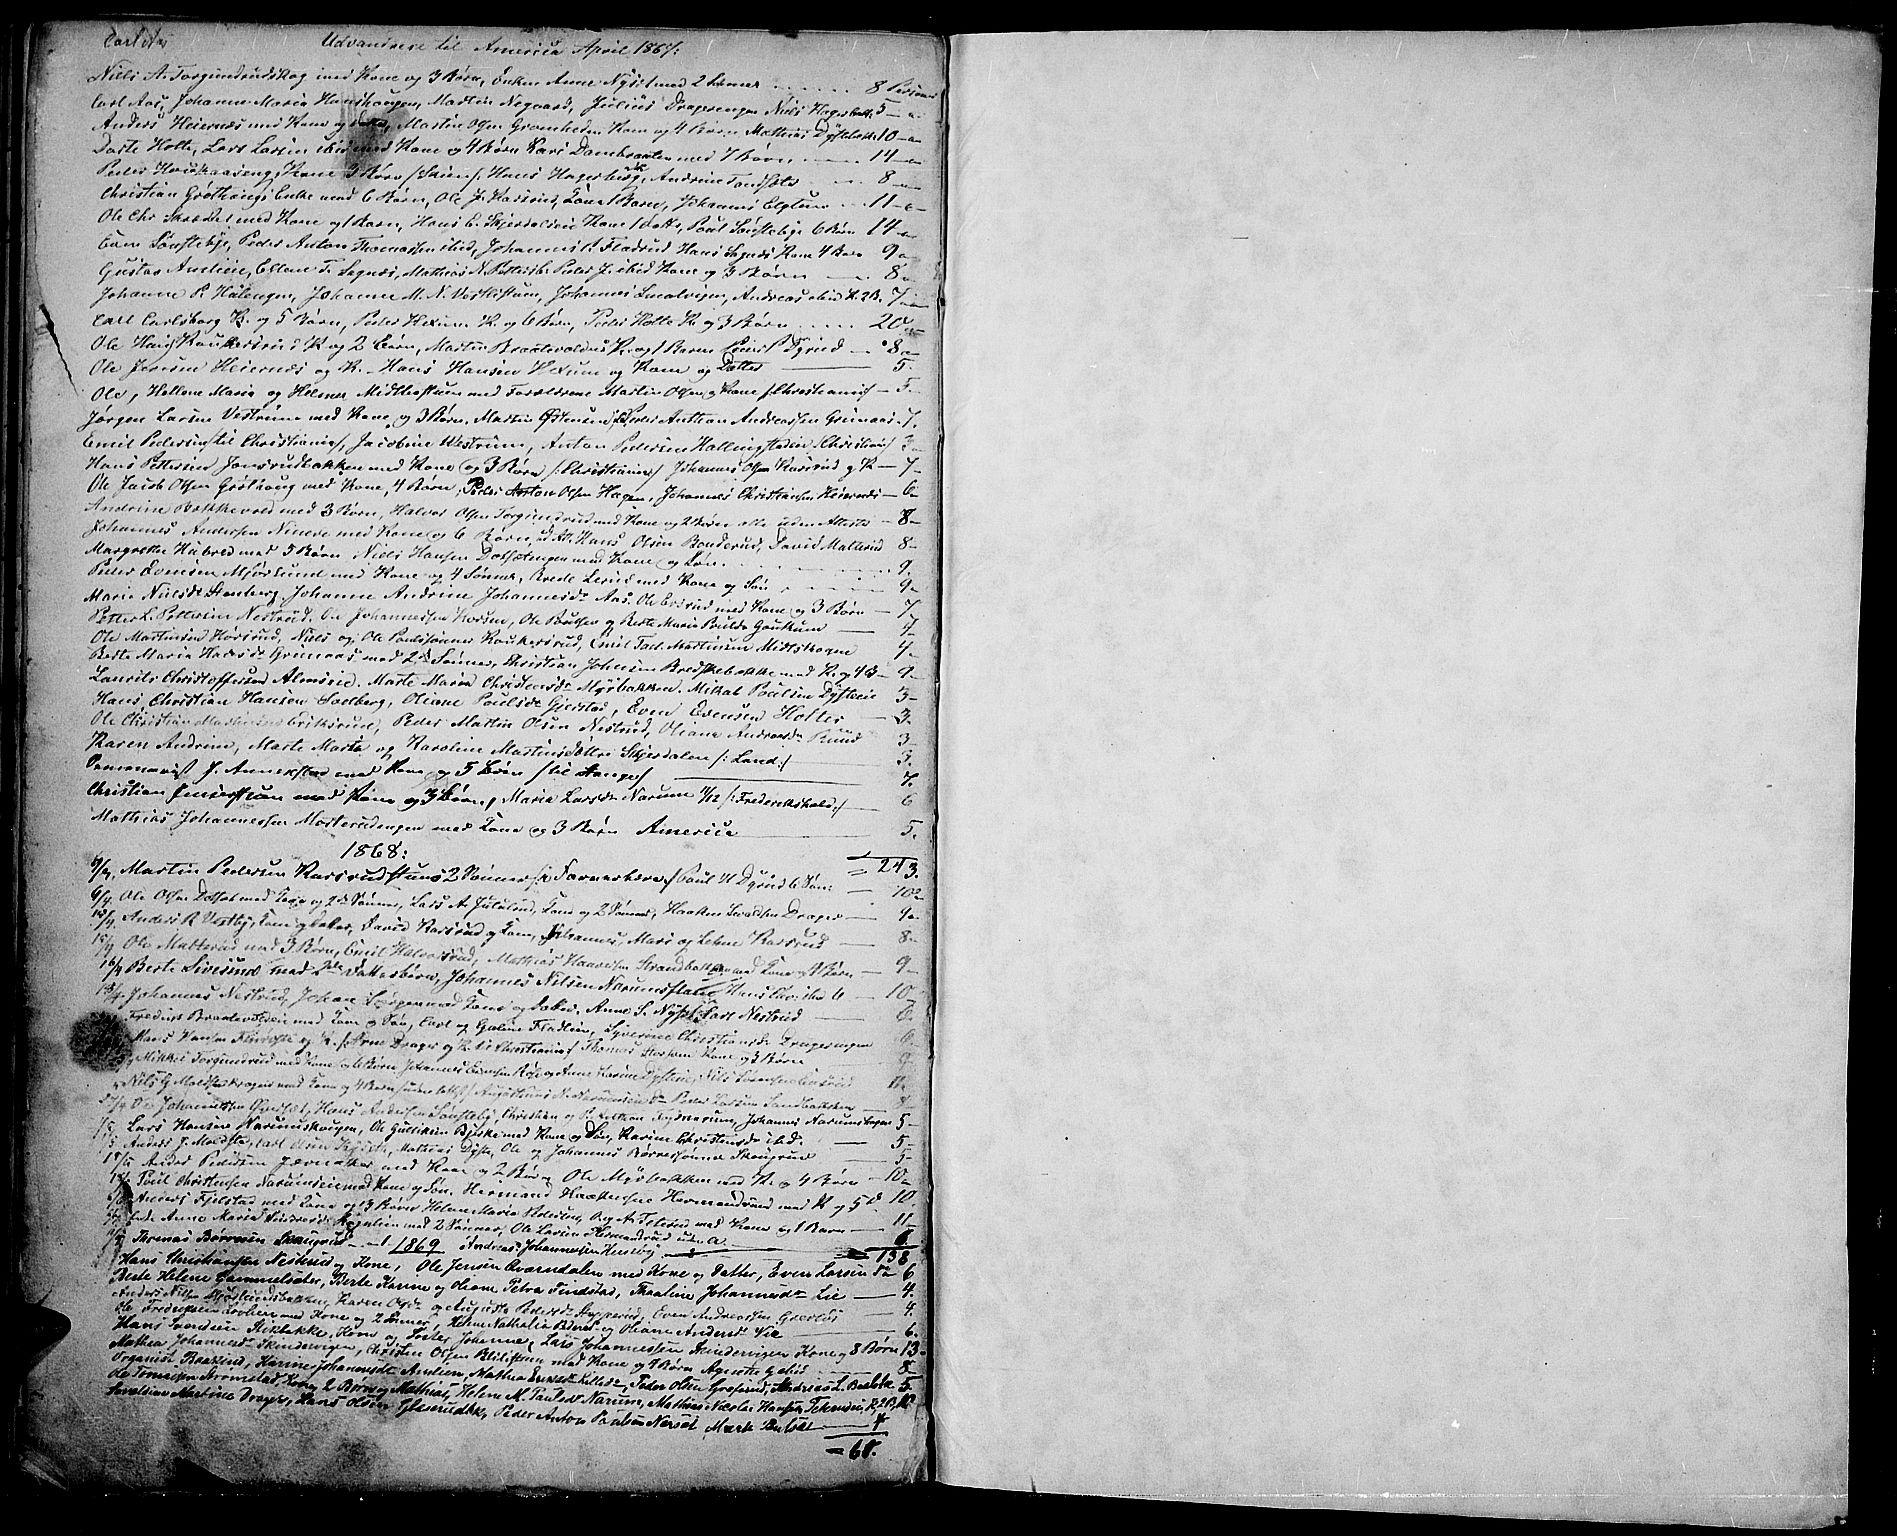 SAH, Vestre Toten prestekontor, H/Ha/Hab/L0005: Klokkerbok nr. 5, 1854-1870, s. 162